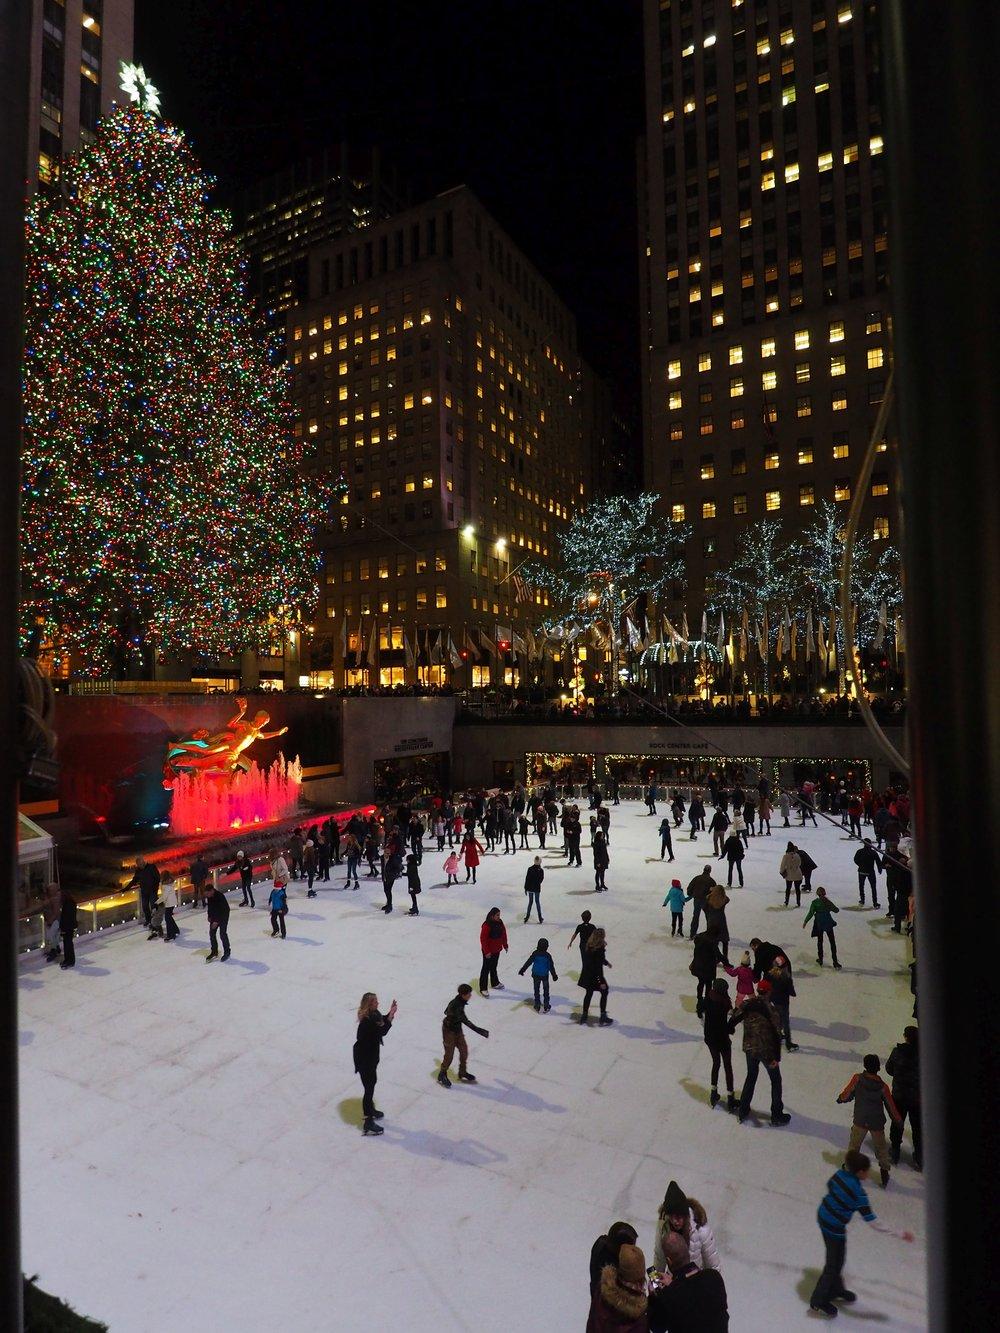 Lauantai:  Joulutunnelmaa New Yorkissa. Rockefeller Centerin joulukuusi ja luistinrata. Iltapäivälennolla kotiin.